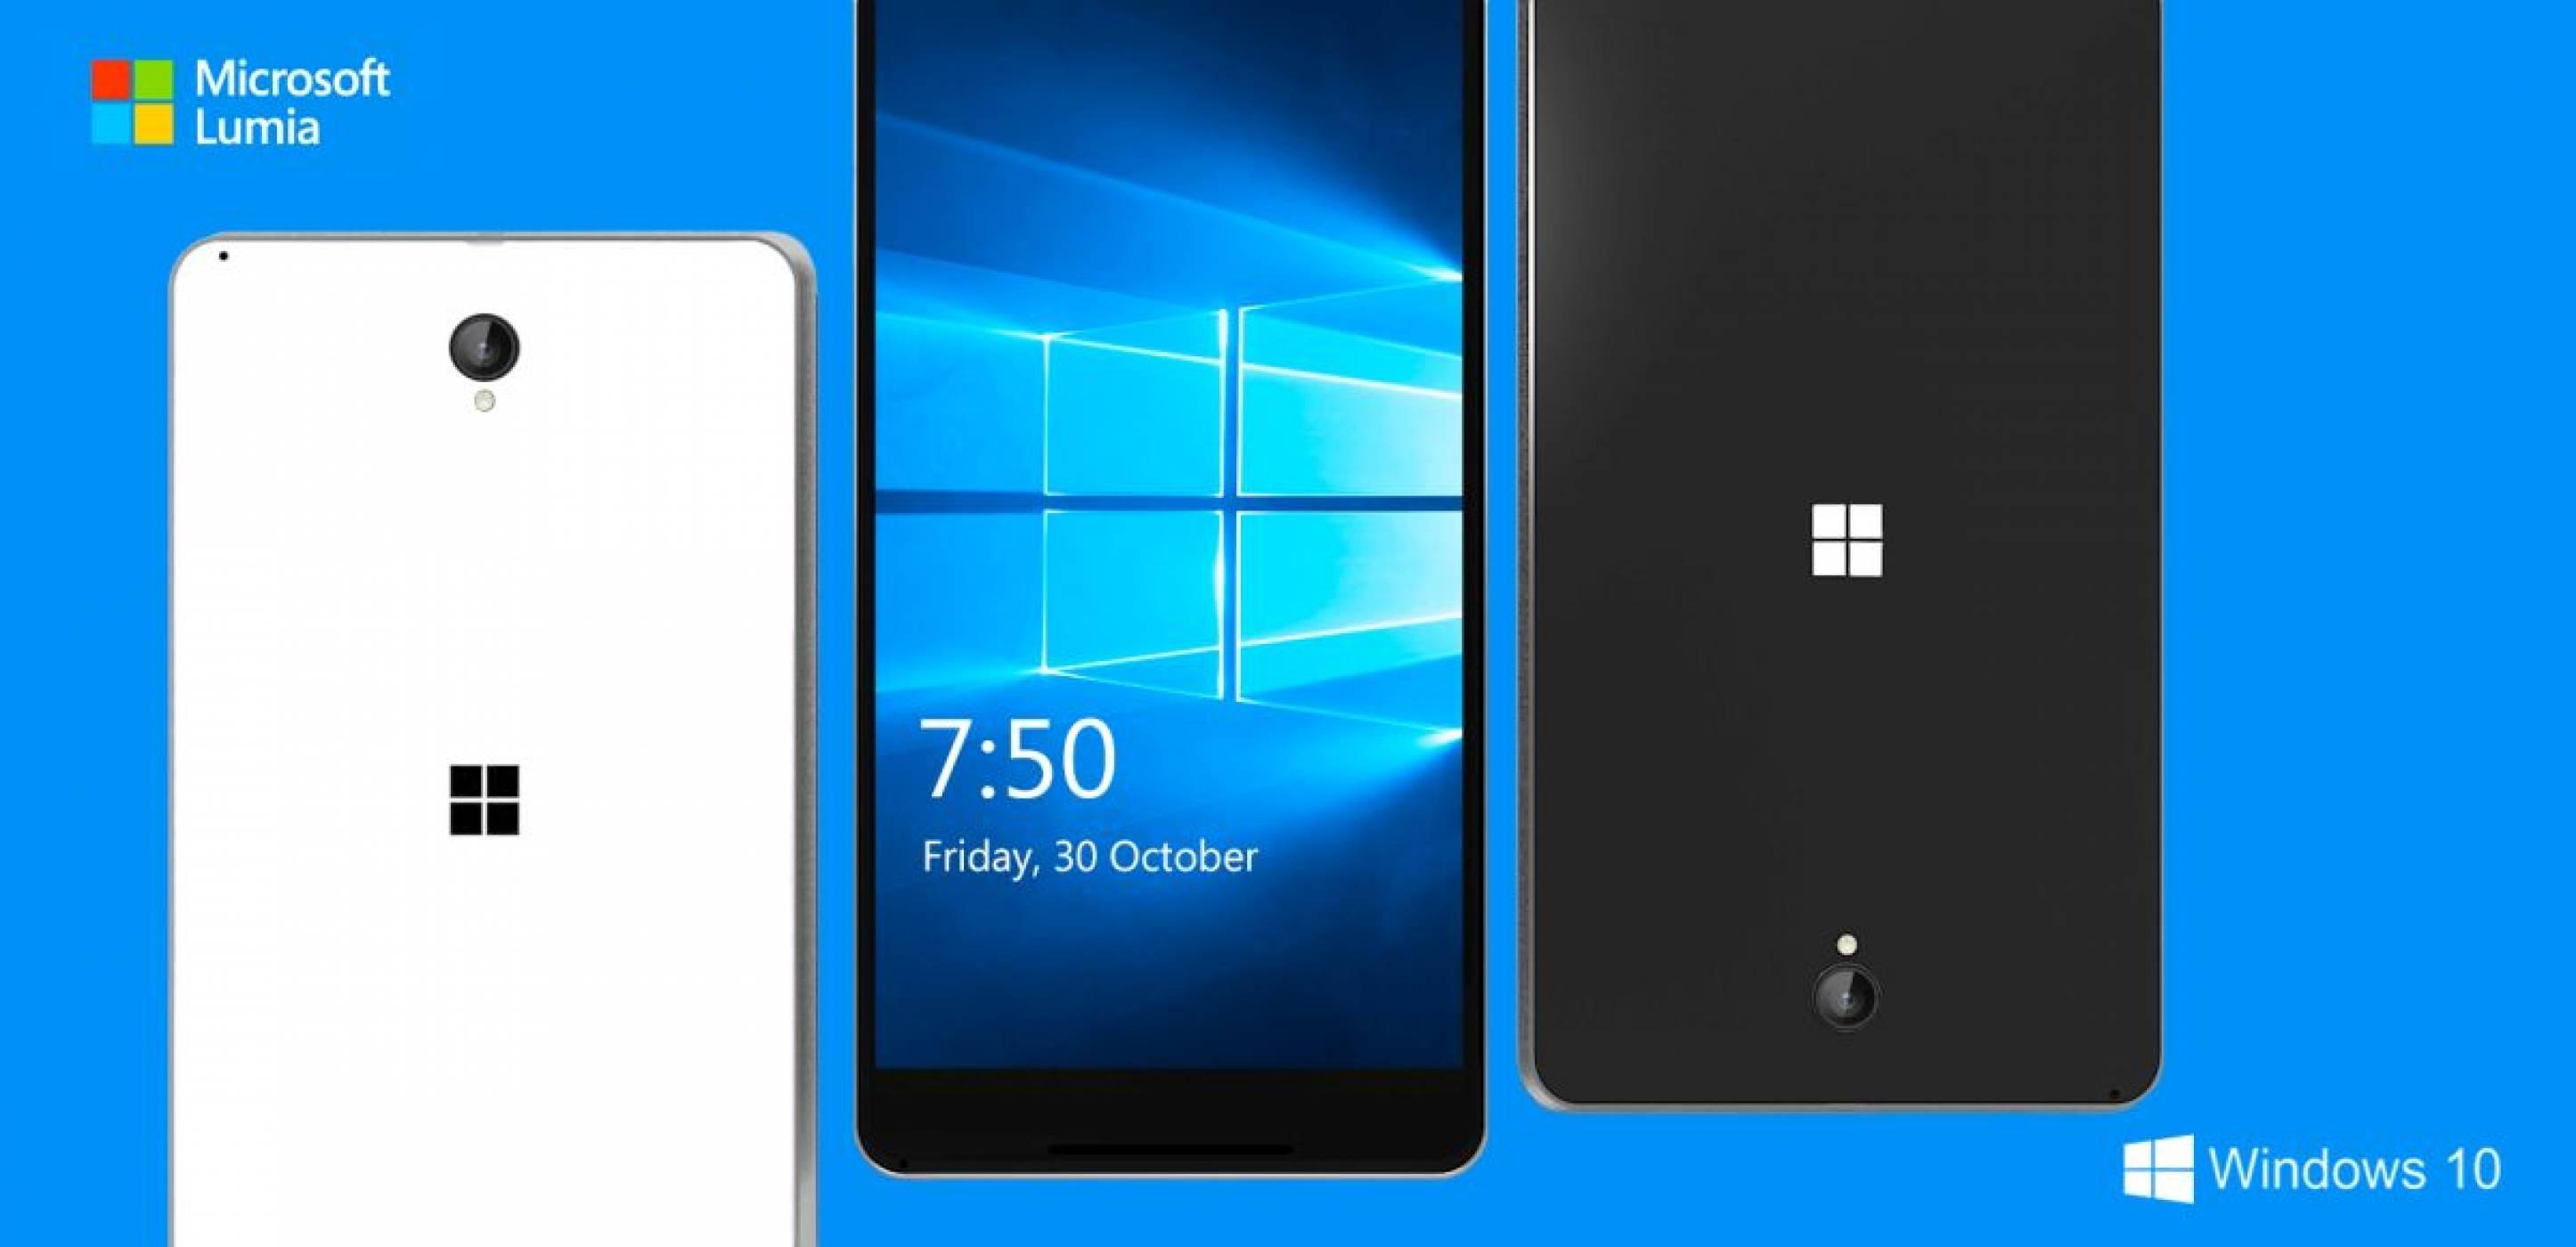 Ето как щеше да изглежда Lumia 750, ако бе видяла бял свят